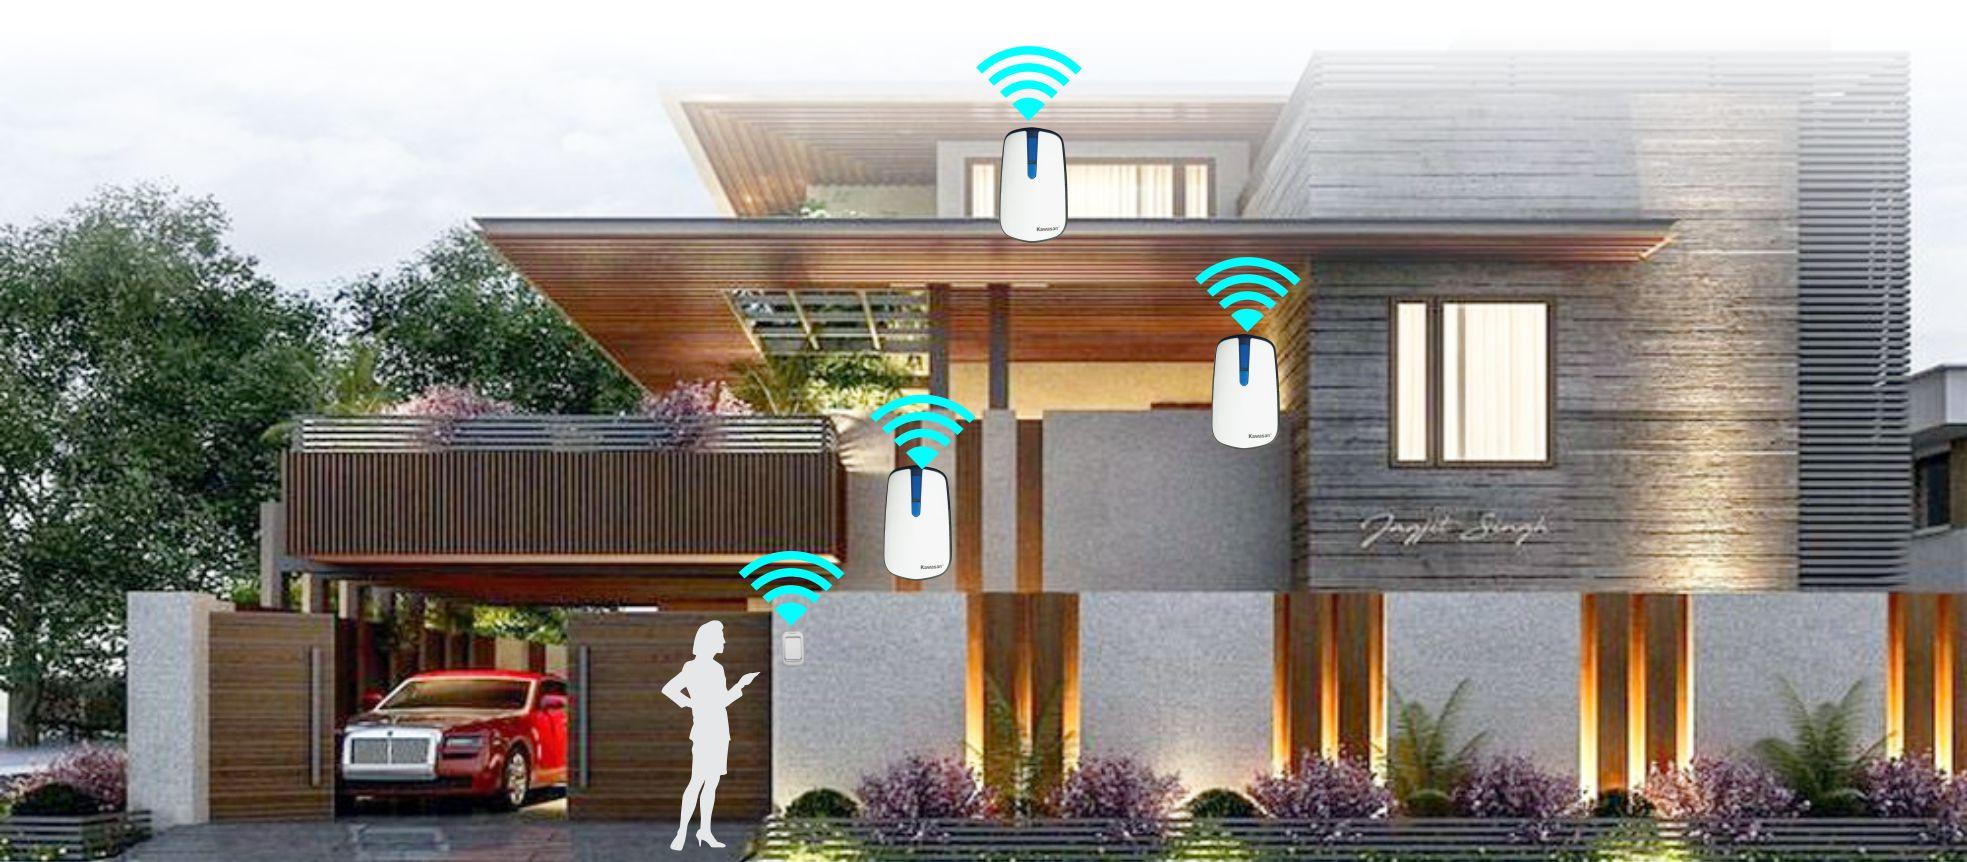 Báo khách không dây được dùng ở nhiều cho nhà ở